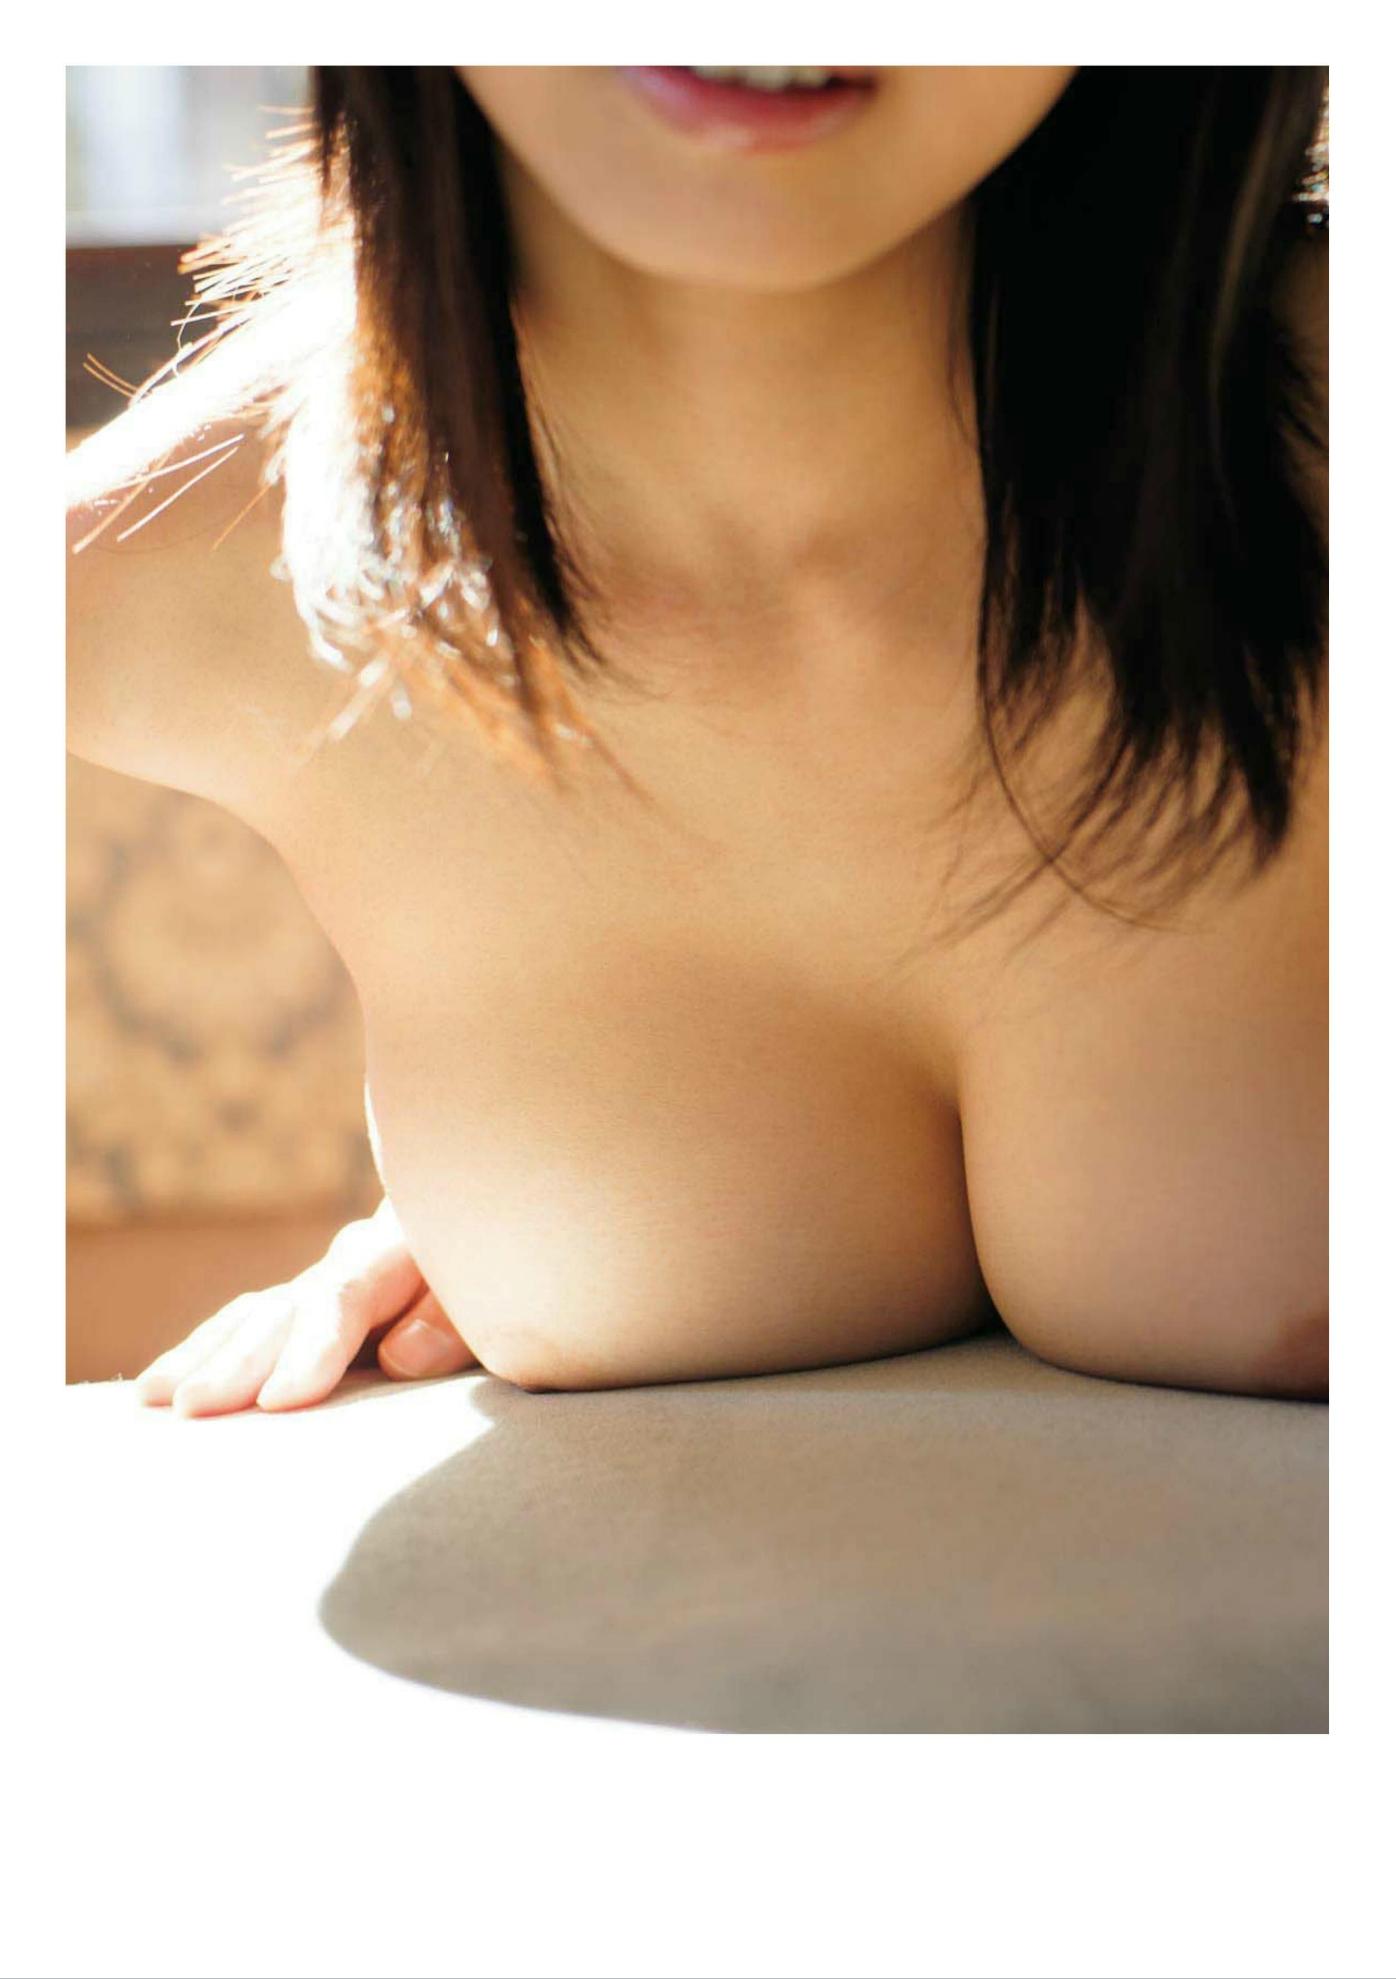 image http://scanlover.com/assets/images/2952-ChWWJmJshJftVUmo.jpeg